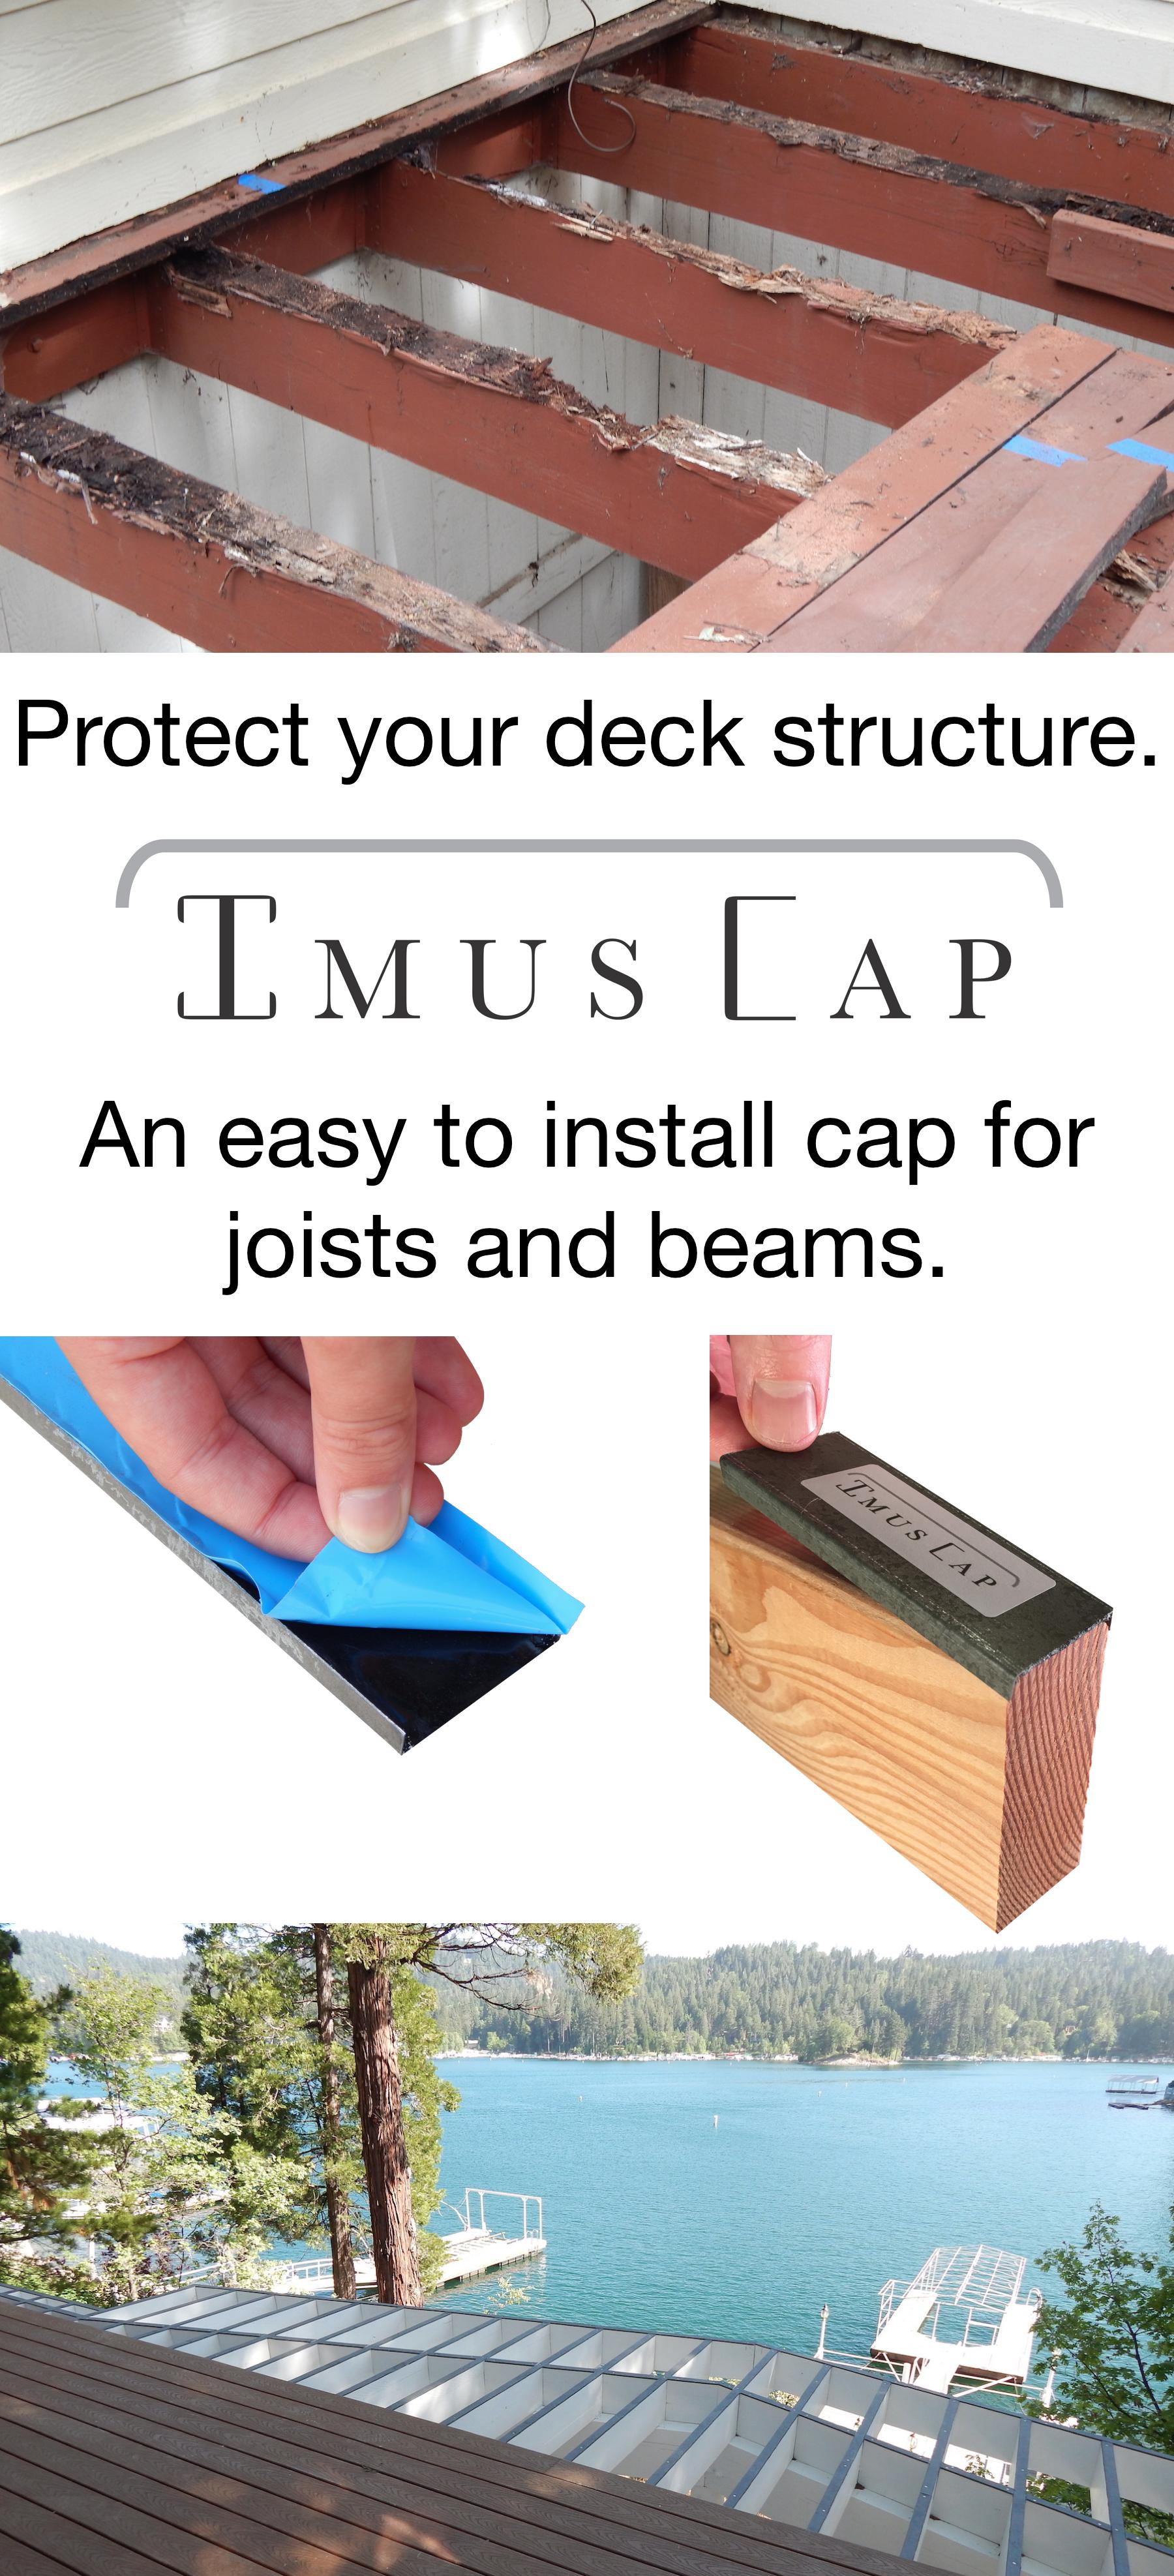 Imus Cap